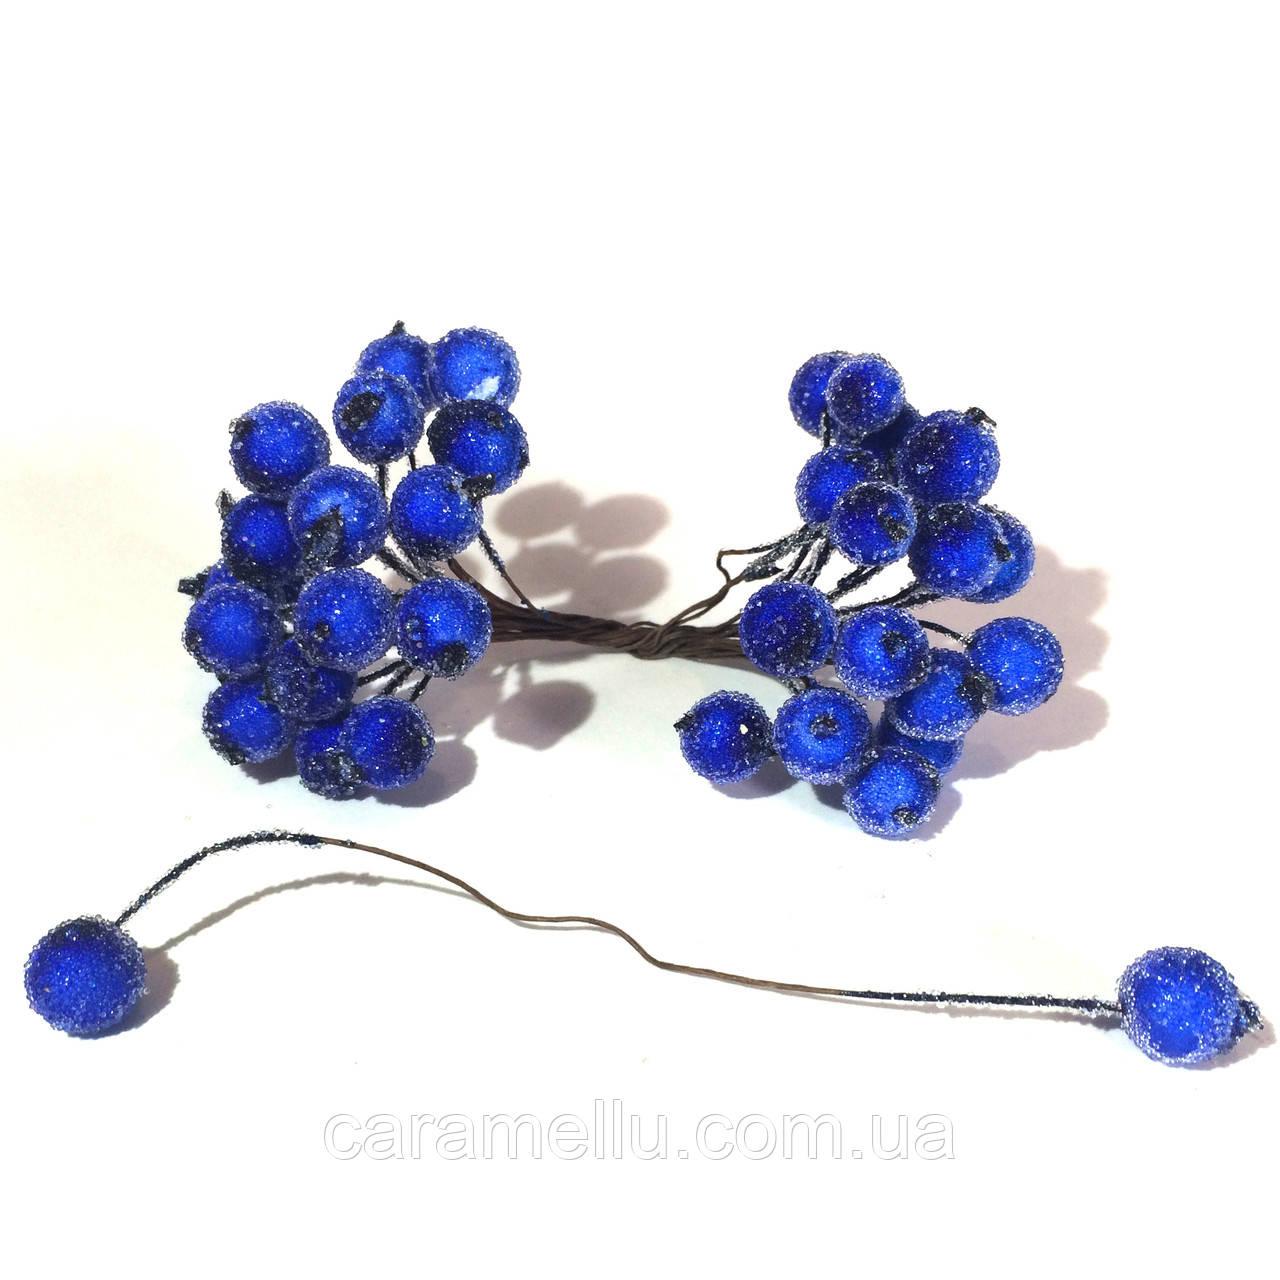 Ягоды на проволоке Сахарные 40ягод . Цвет синий